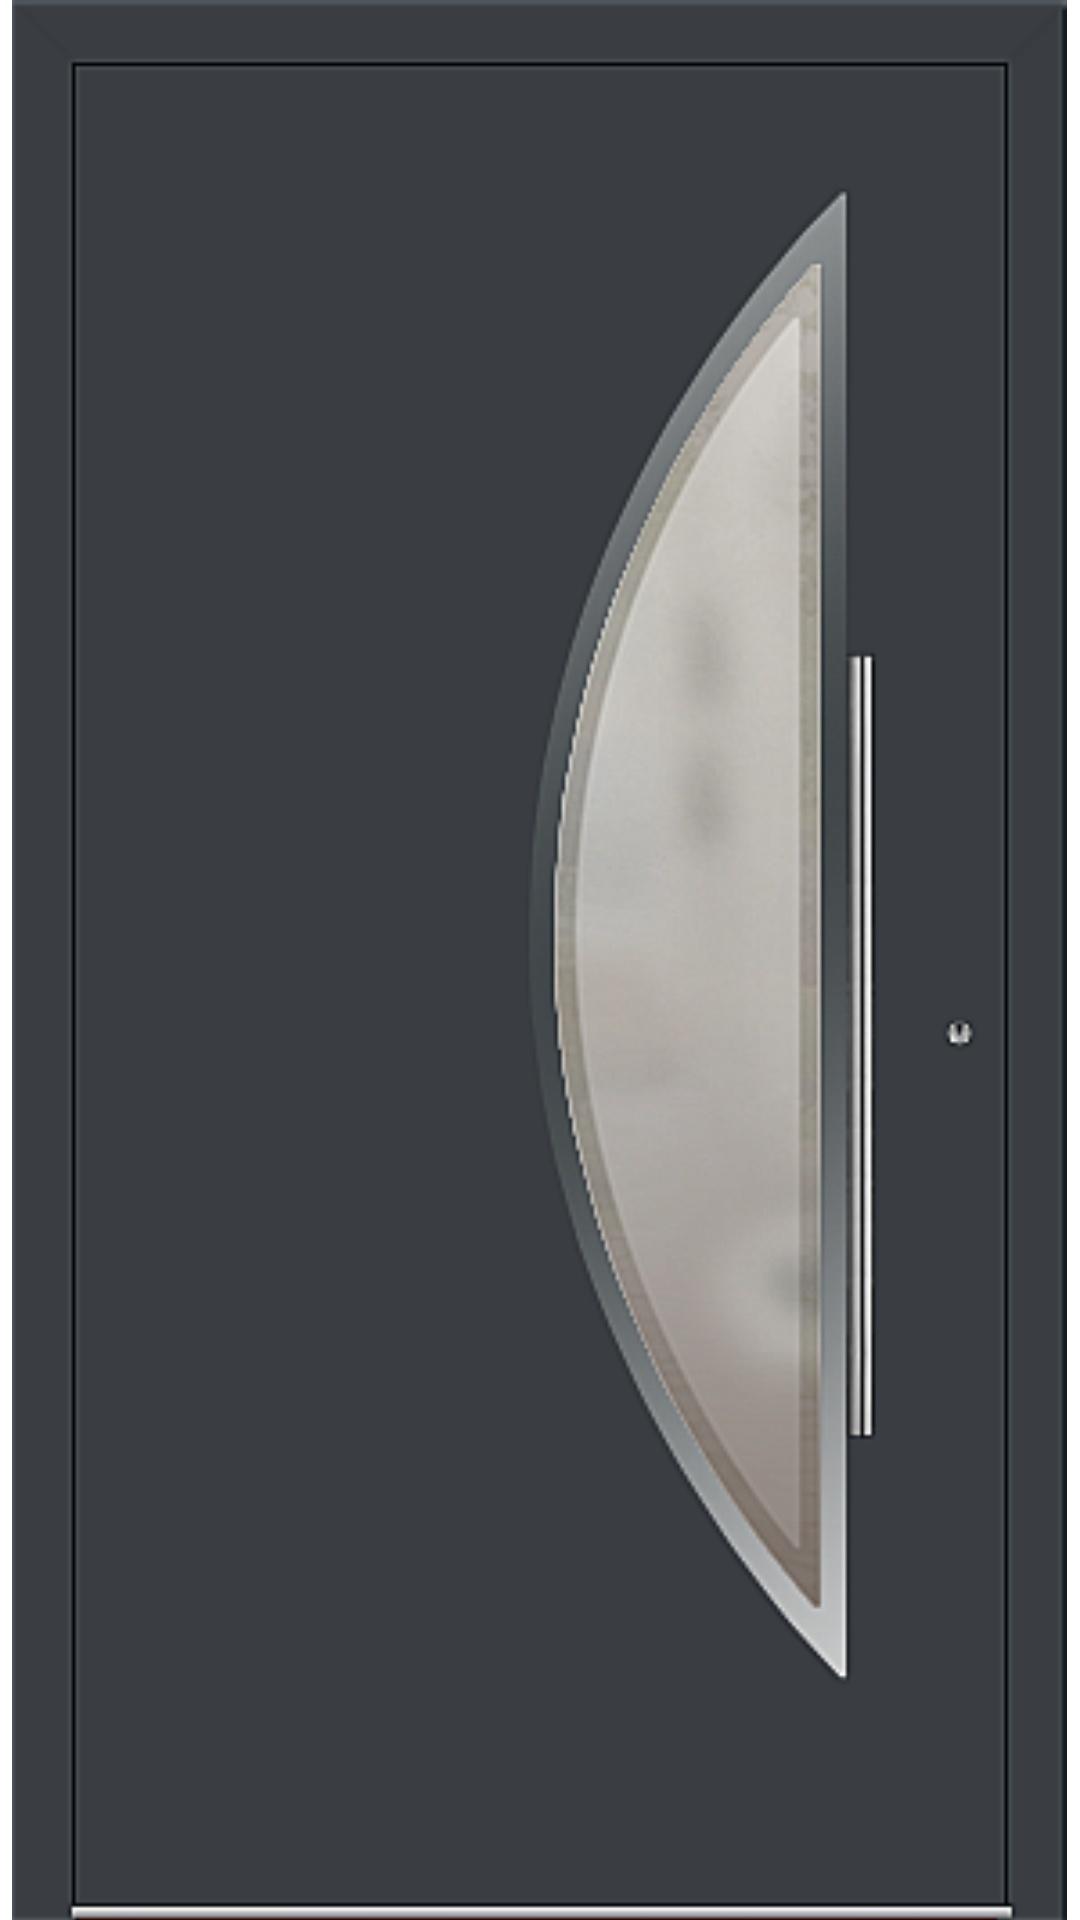 PaXentree Aluminium Haustür M09171 anthrazitgrau